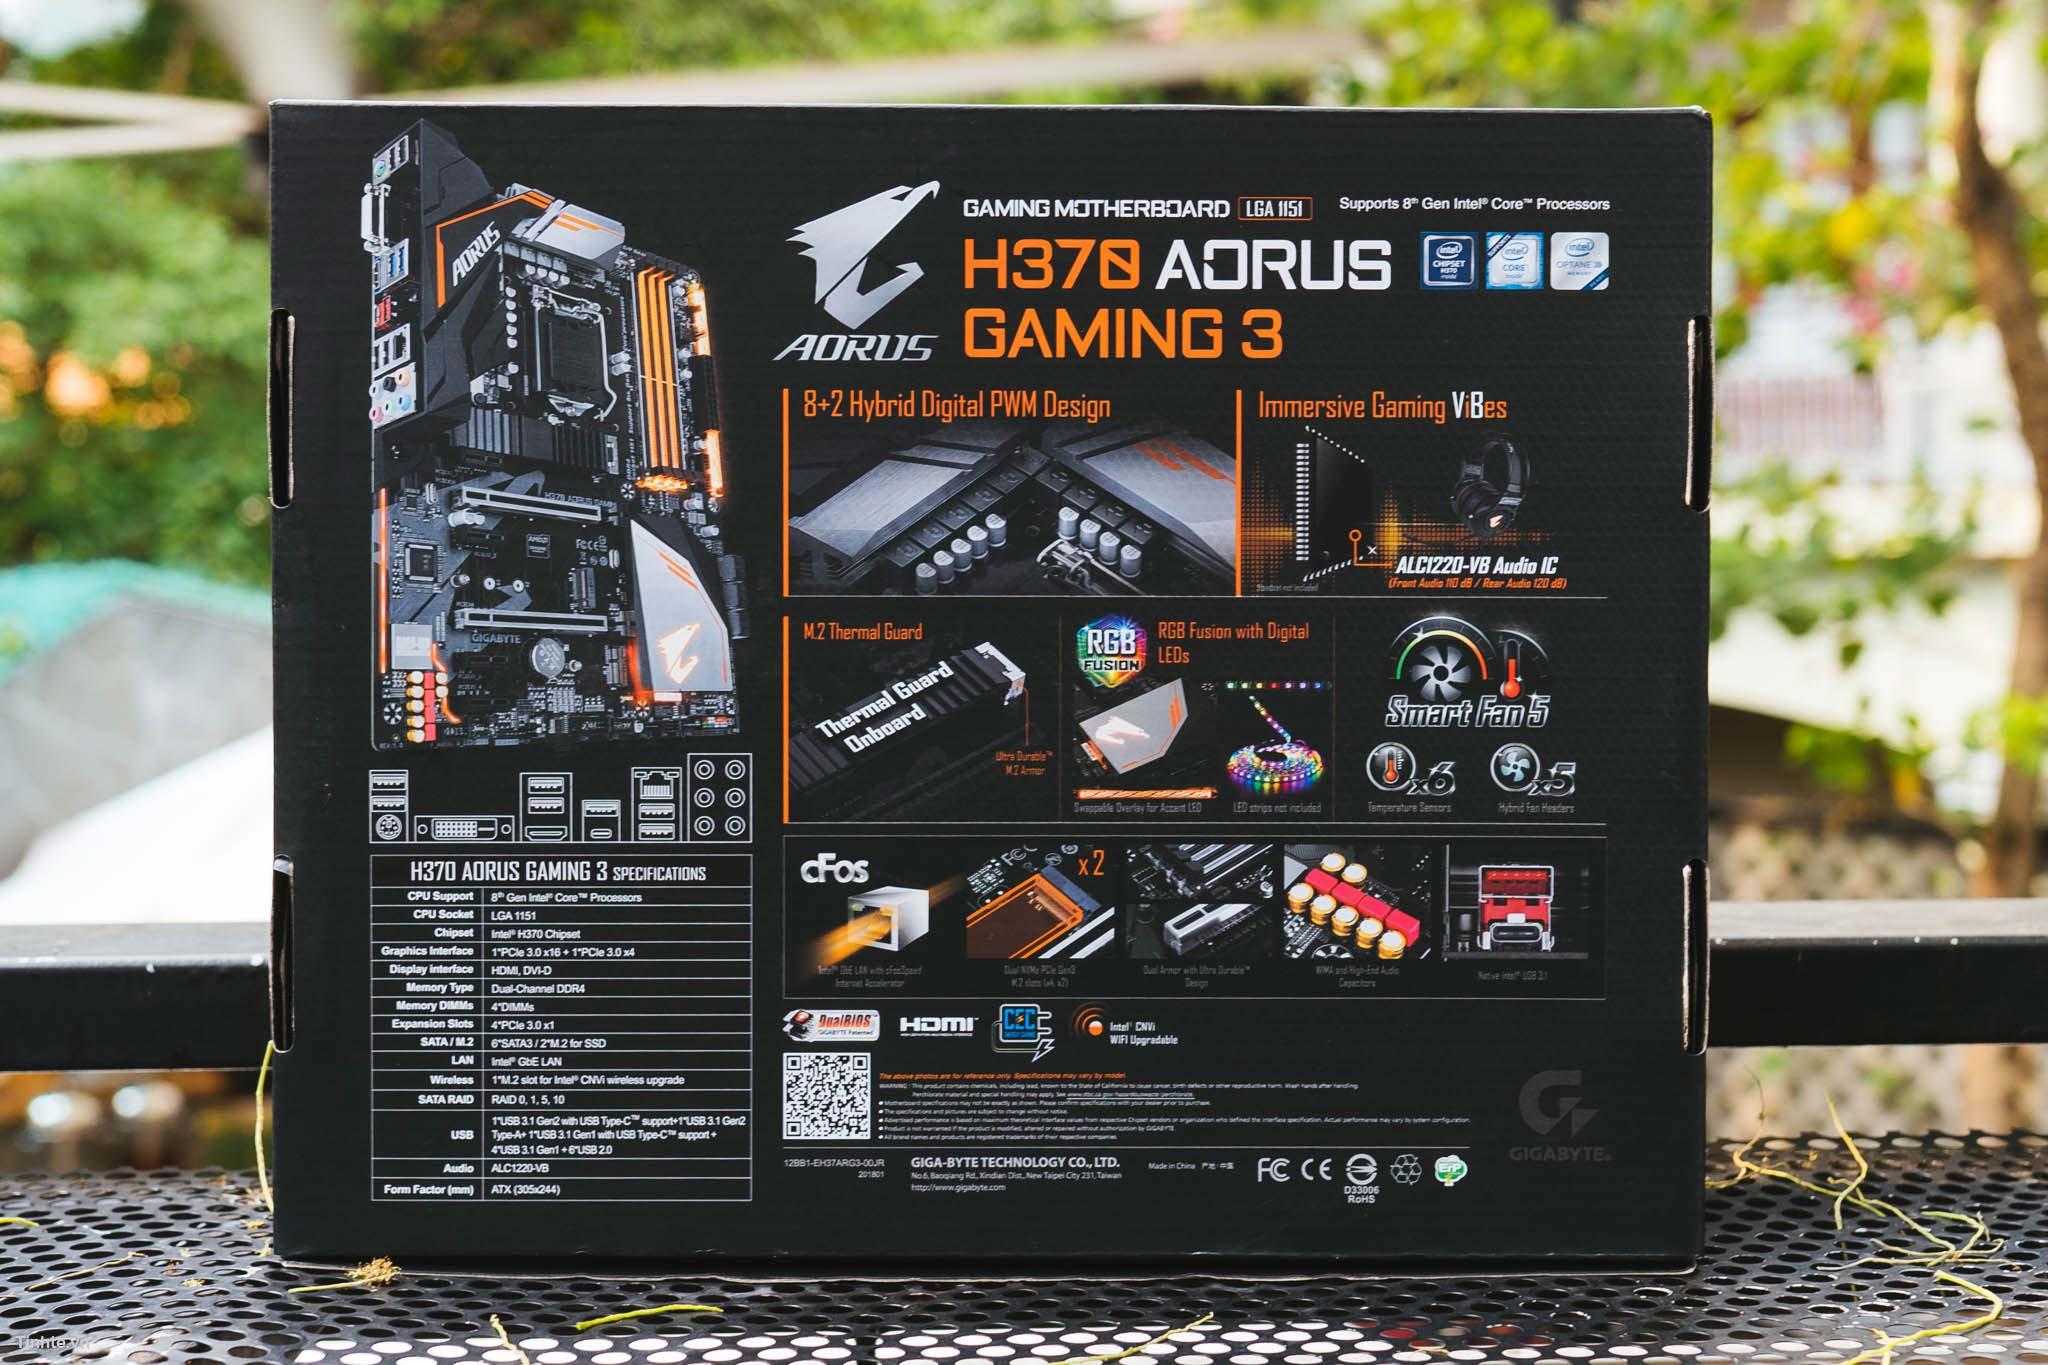 AORUS_H370_GAMING3-20.jpg